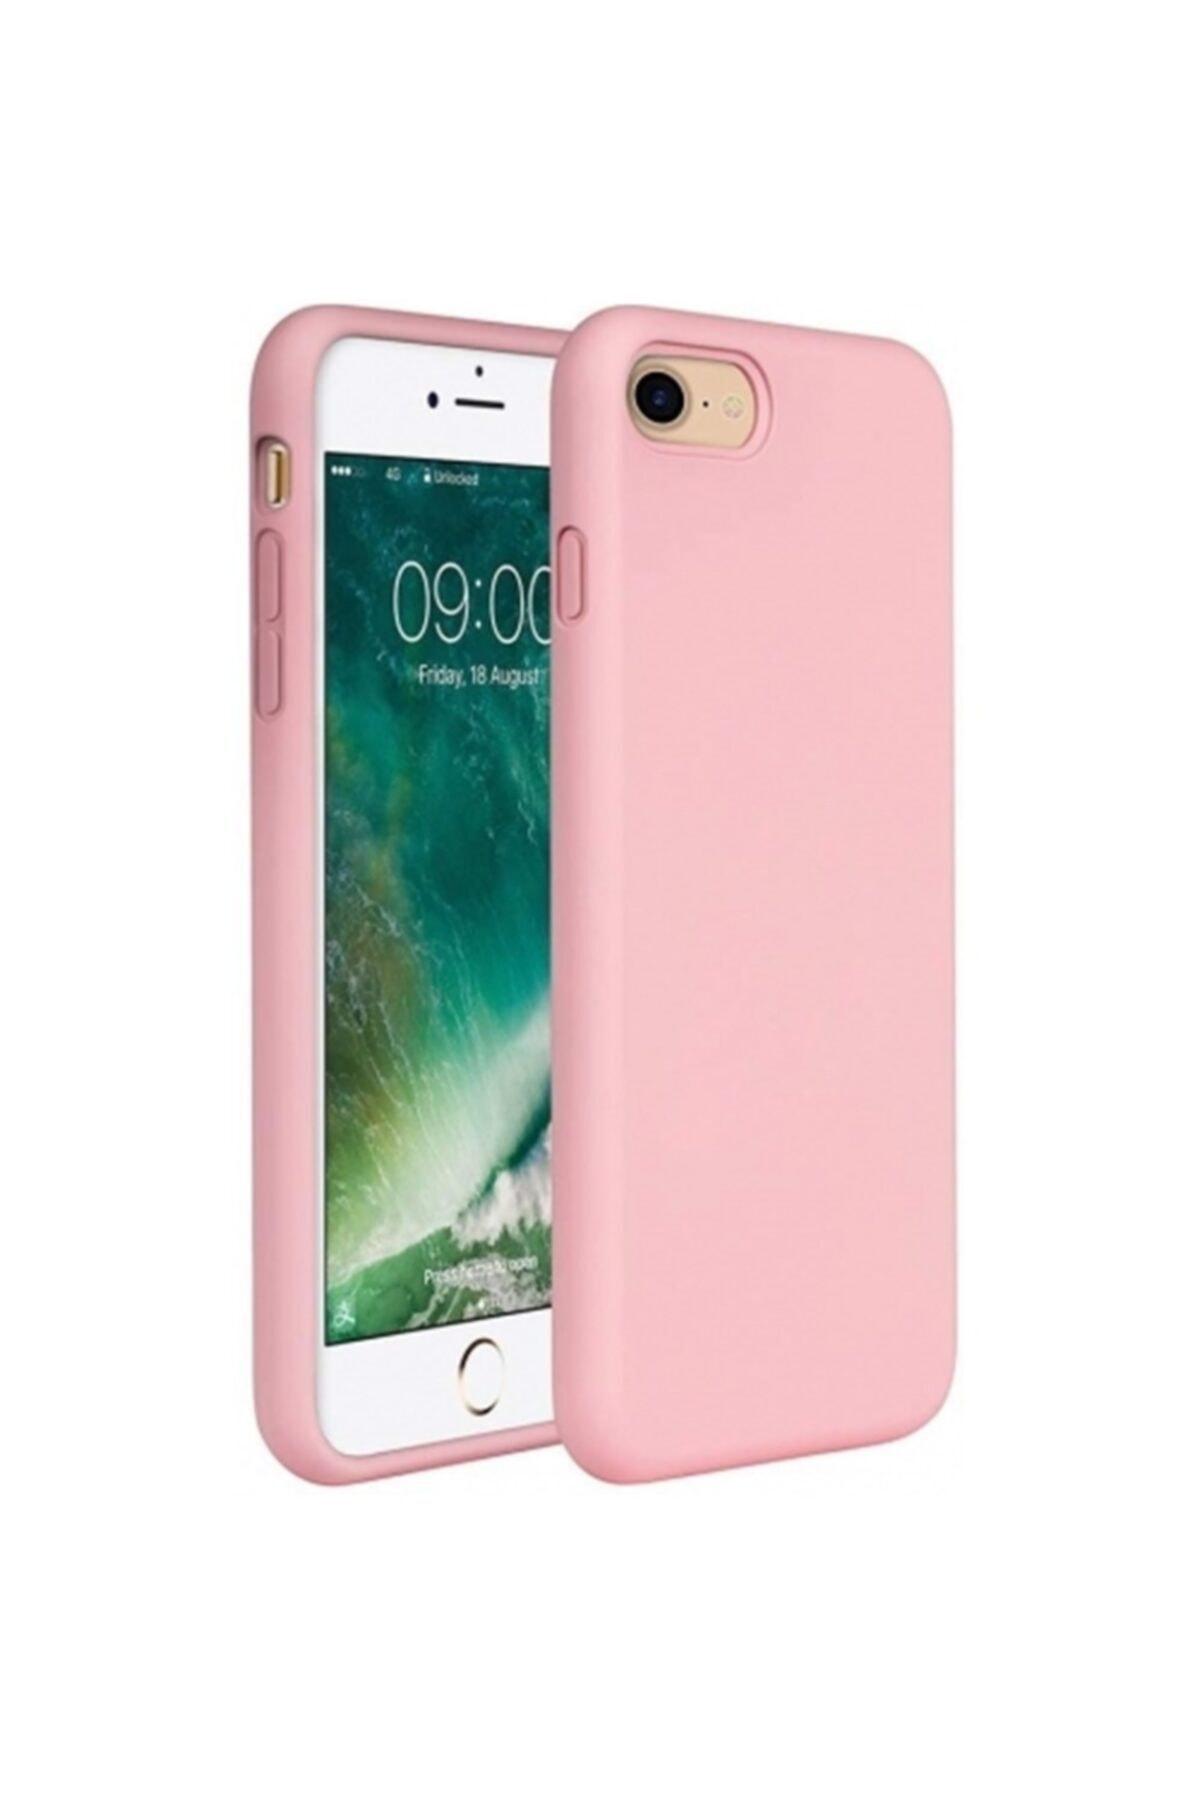 Zengin Çarşım Apple iPhone 7 - 8 - SE 2020 İçi Kadife Lansman Silikon Kılıf Pembe 1